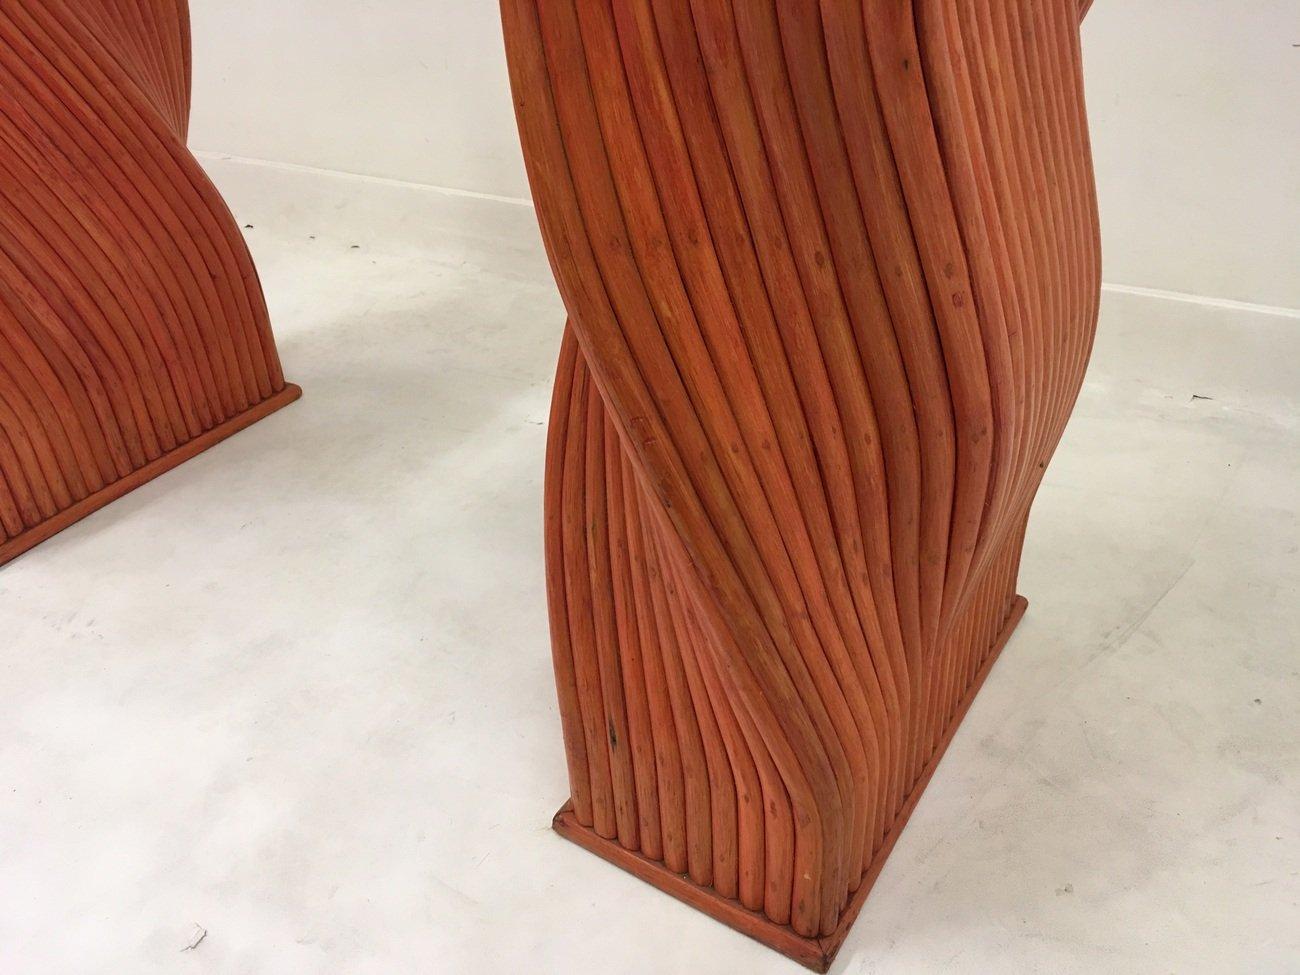 roter vintage bambus esstisch mit glasplatte von mcguire. Black Bedroom Furniture Sets. Home Design Ideas